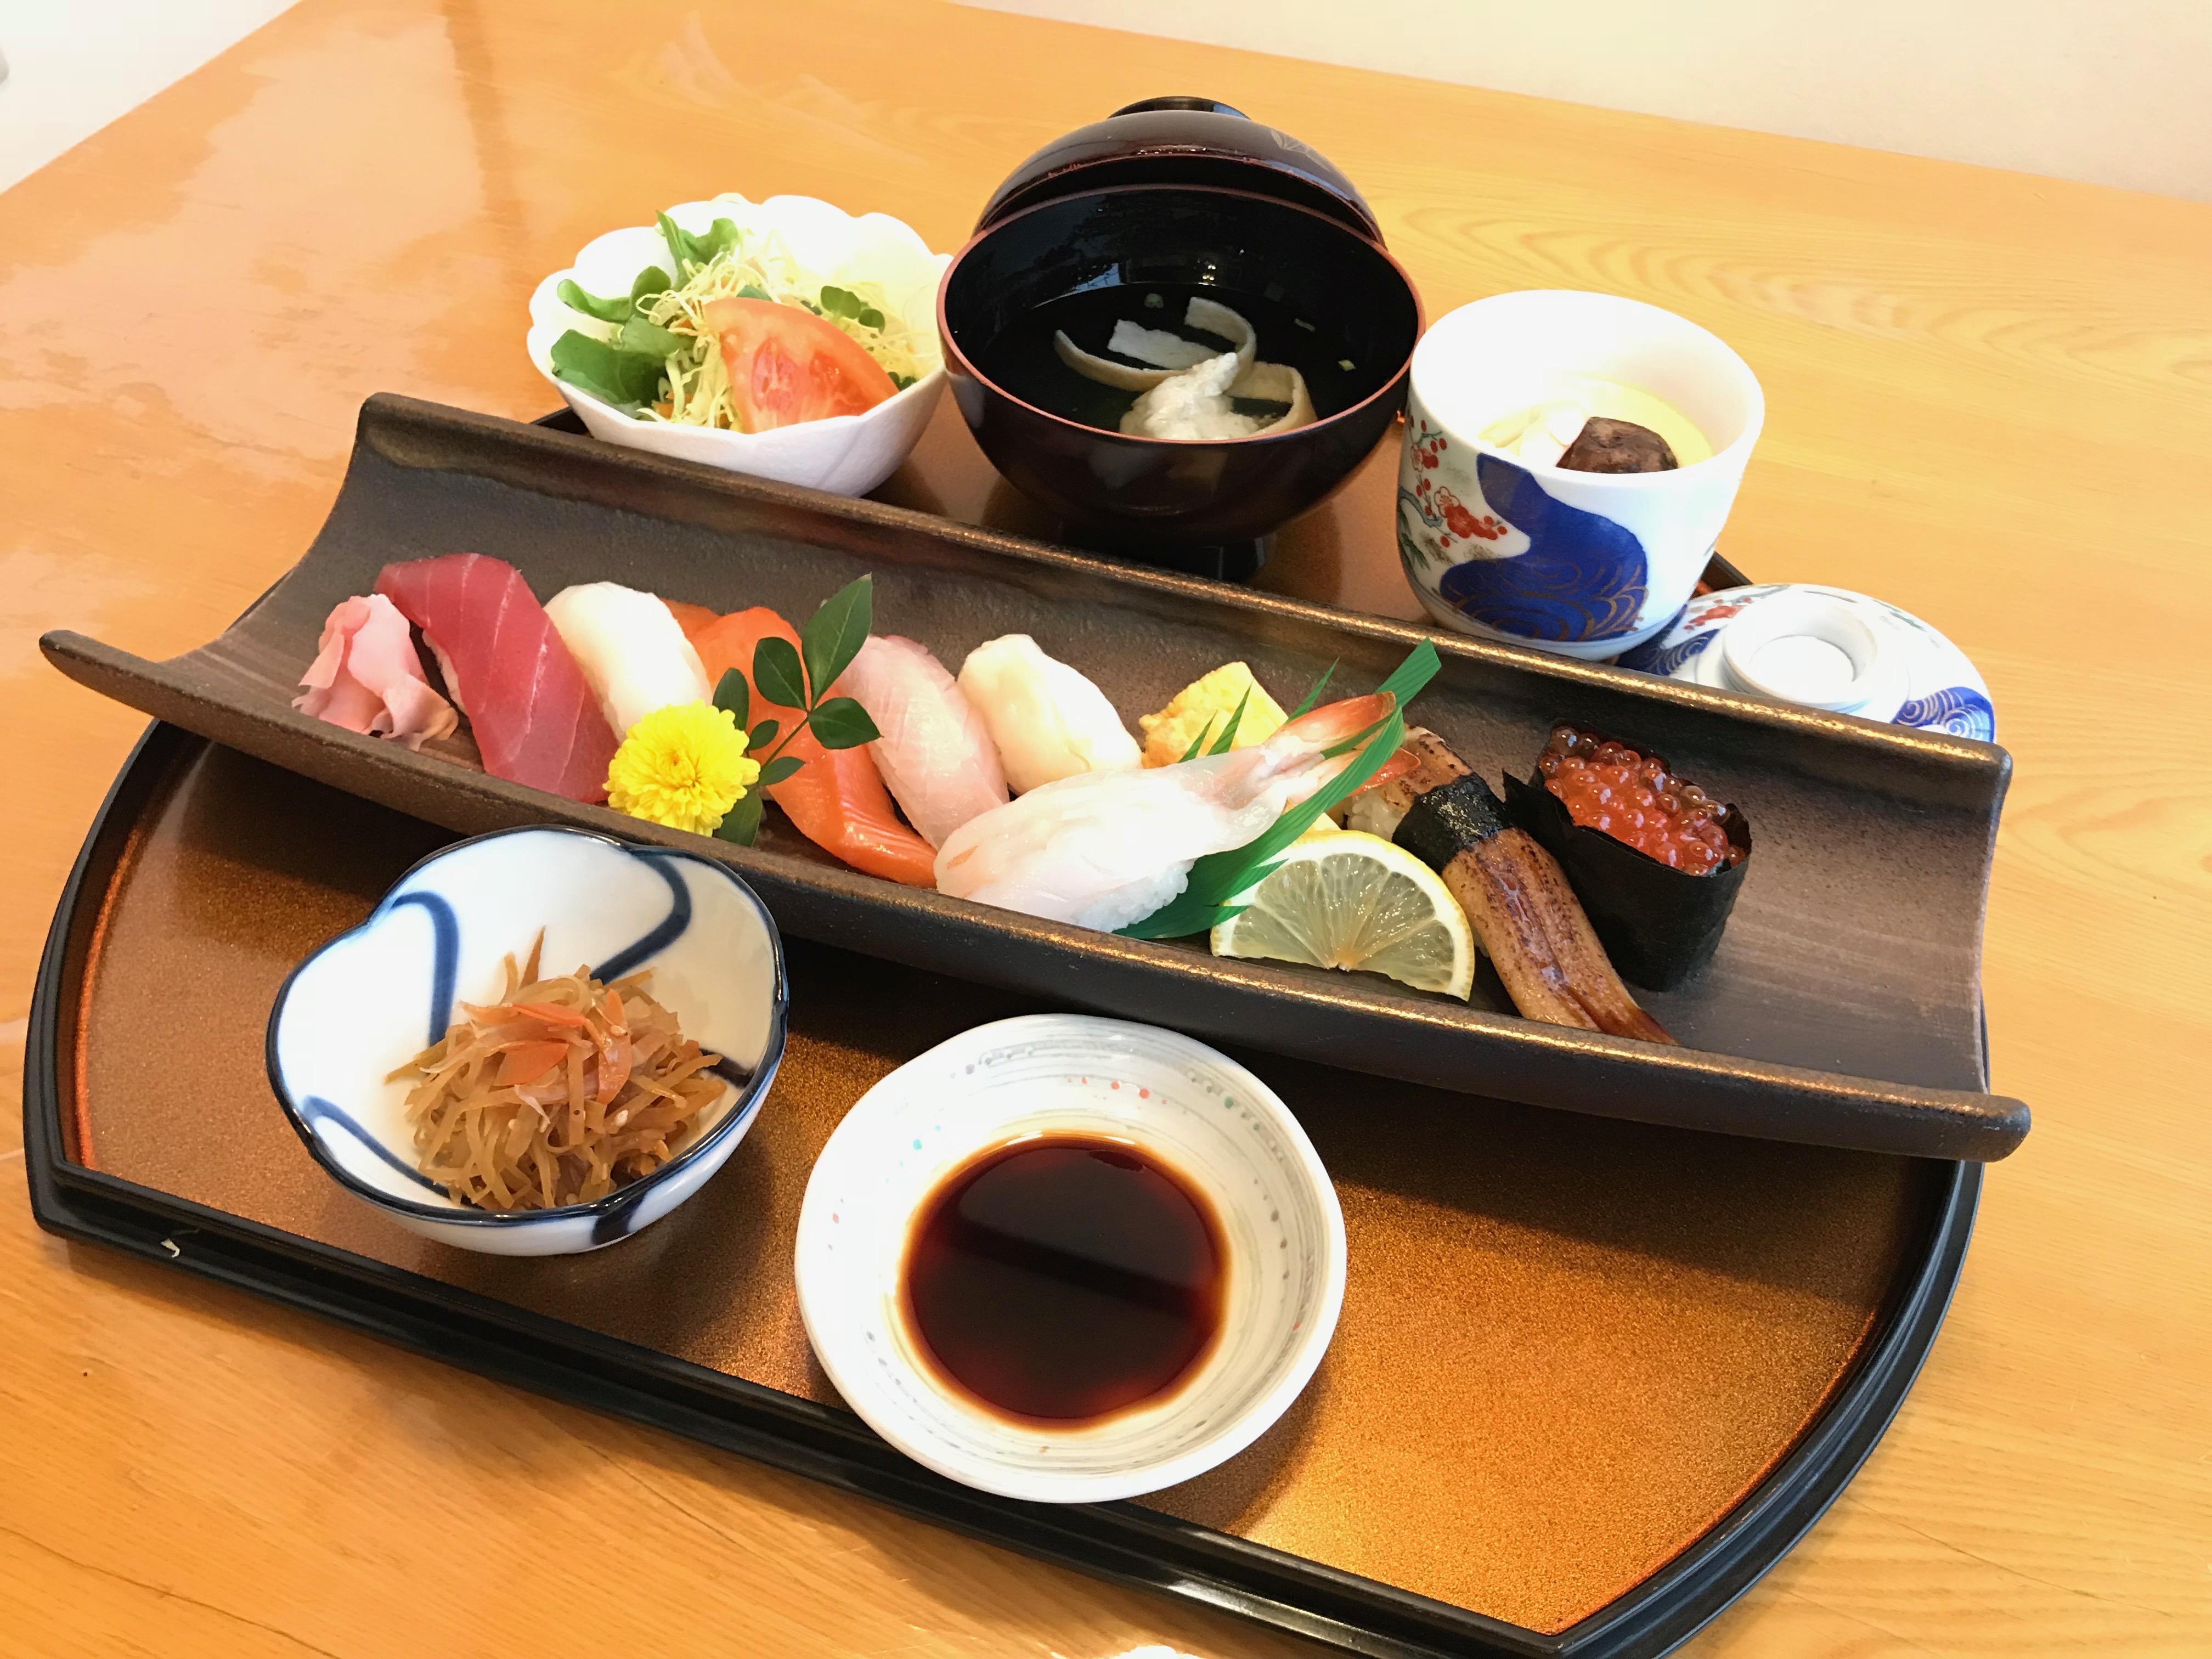 中握り定食 1,800円(+税)